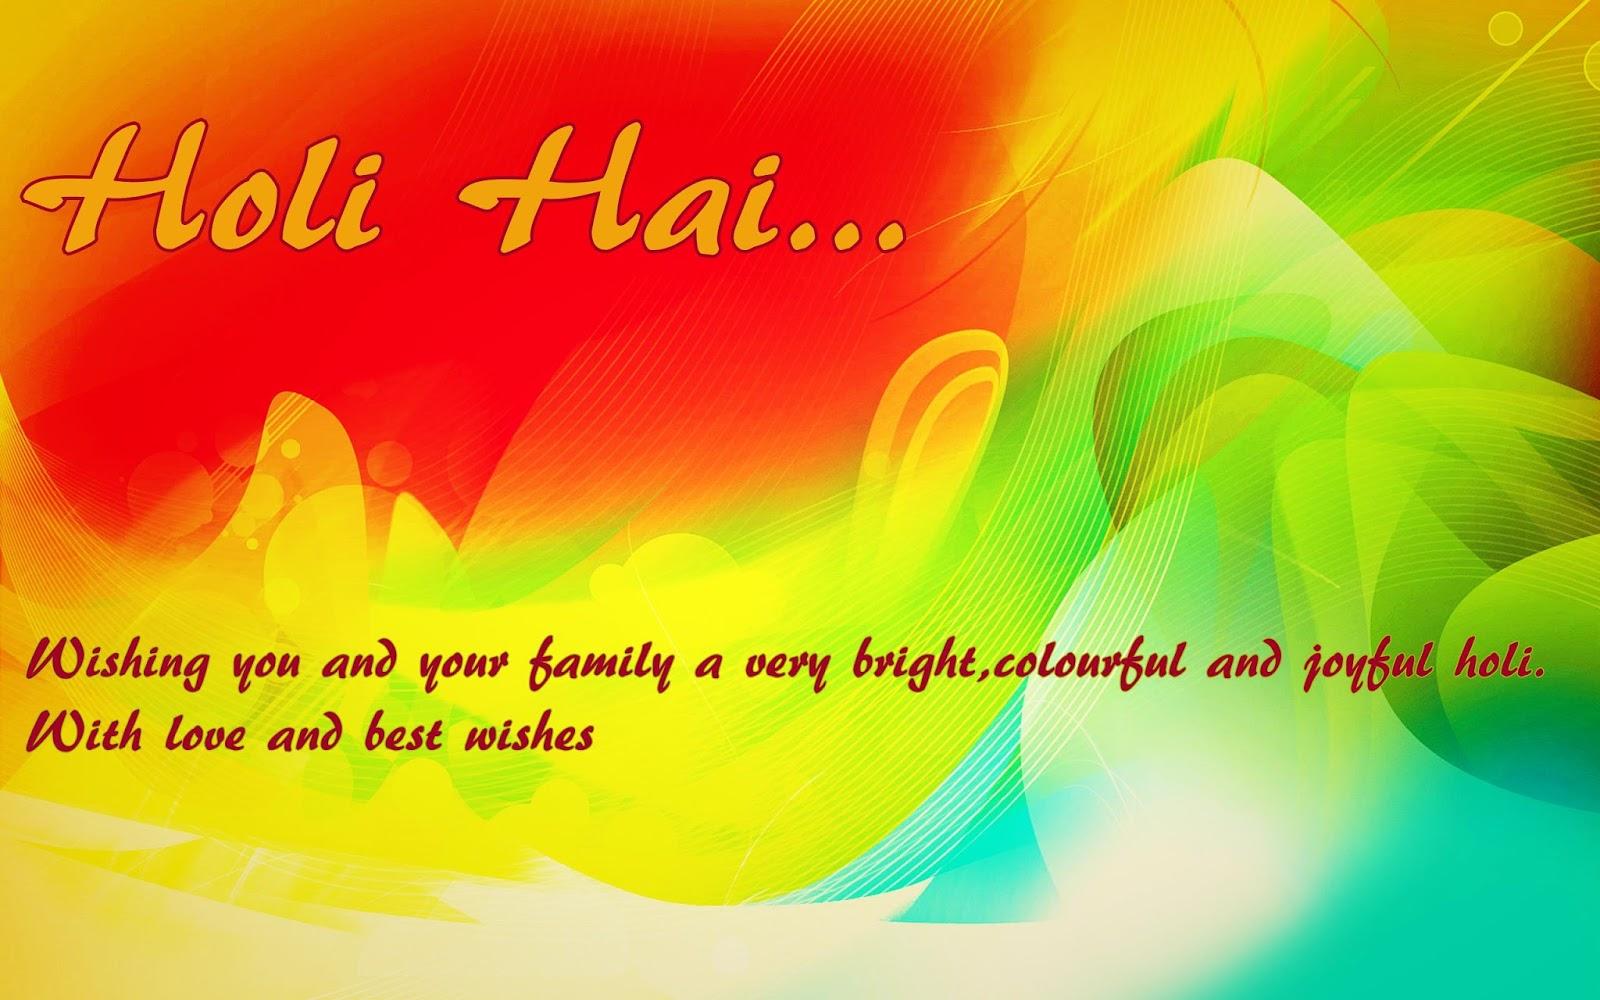 Wallpaper download mast - Shayari Hi Shayari